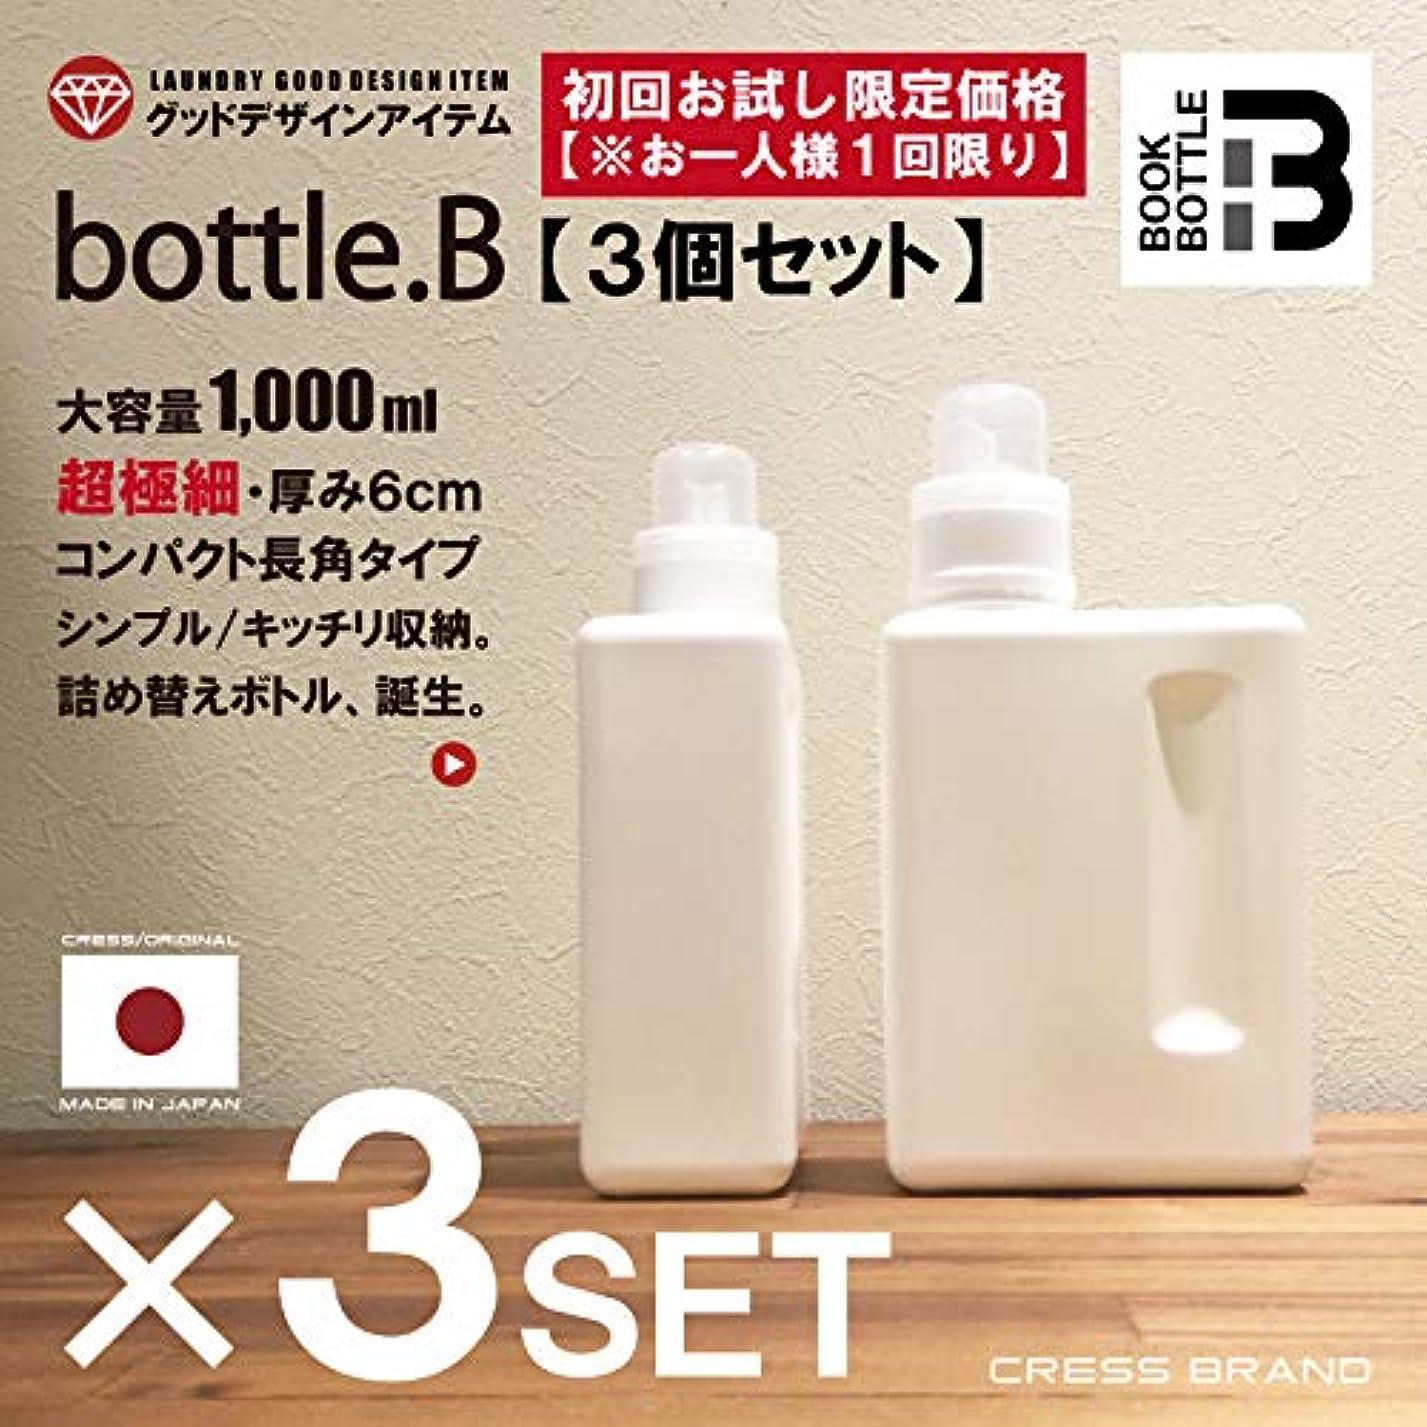 保育園規則性強います<3個セット>bottle.B-3set【初回お試し限定価格?お一人さ様1回限り】[クレス?オリジナルボトル]1000ml BOOK-BOTTLE